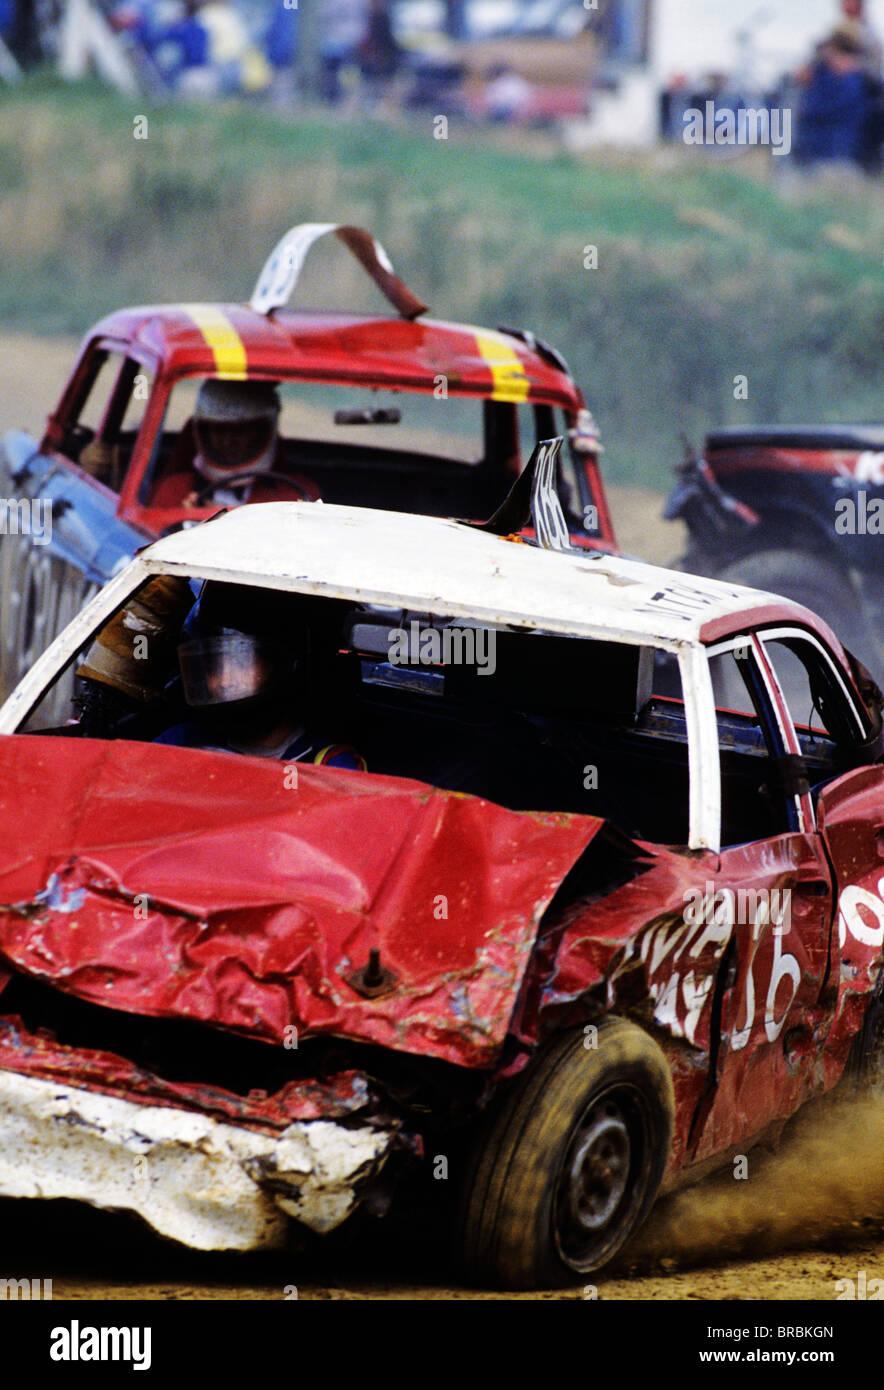 Derby Ks Car Crash